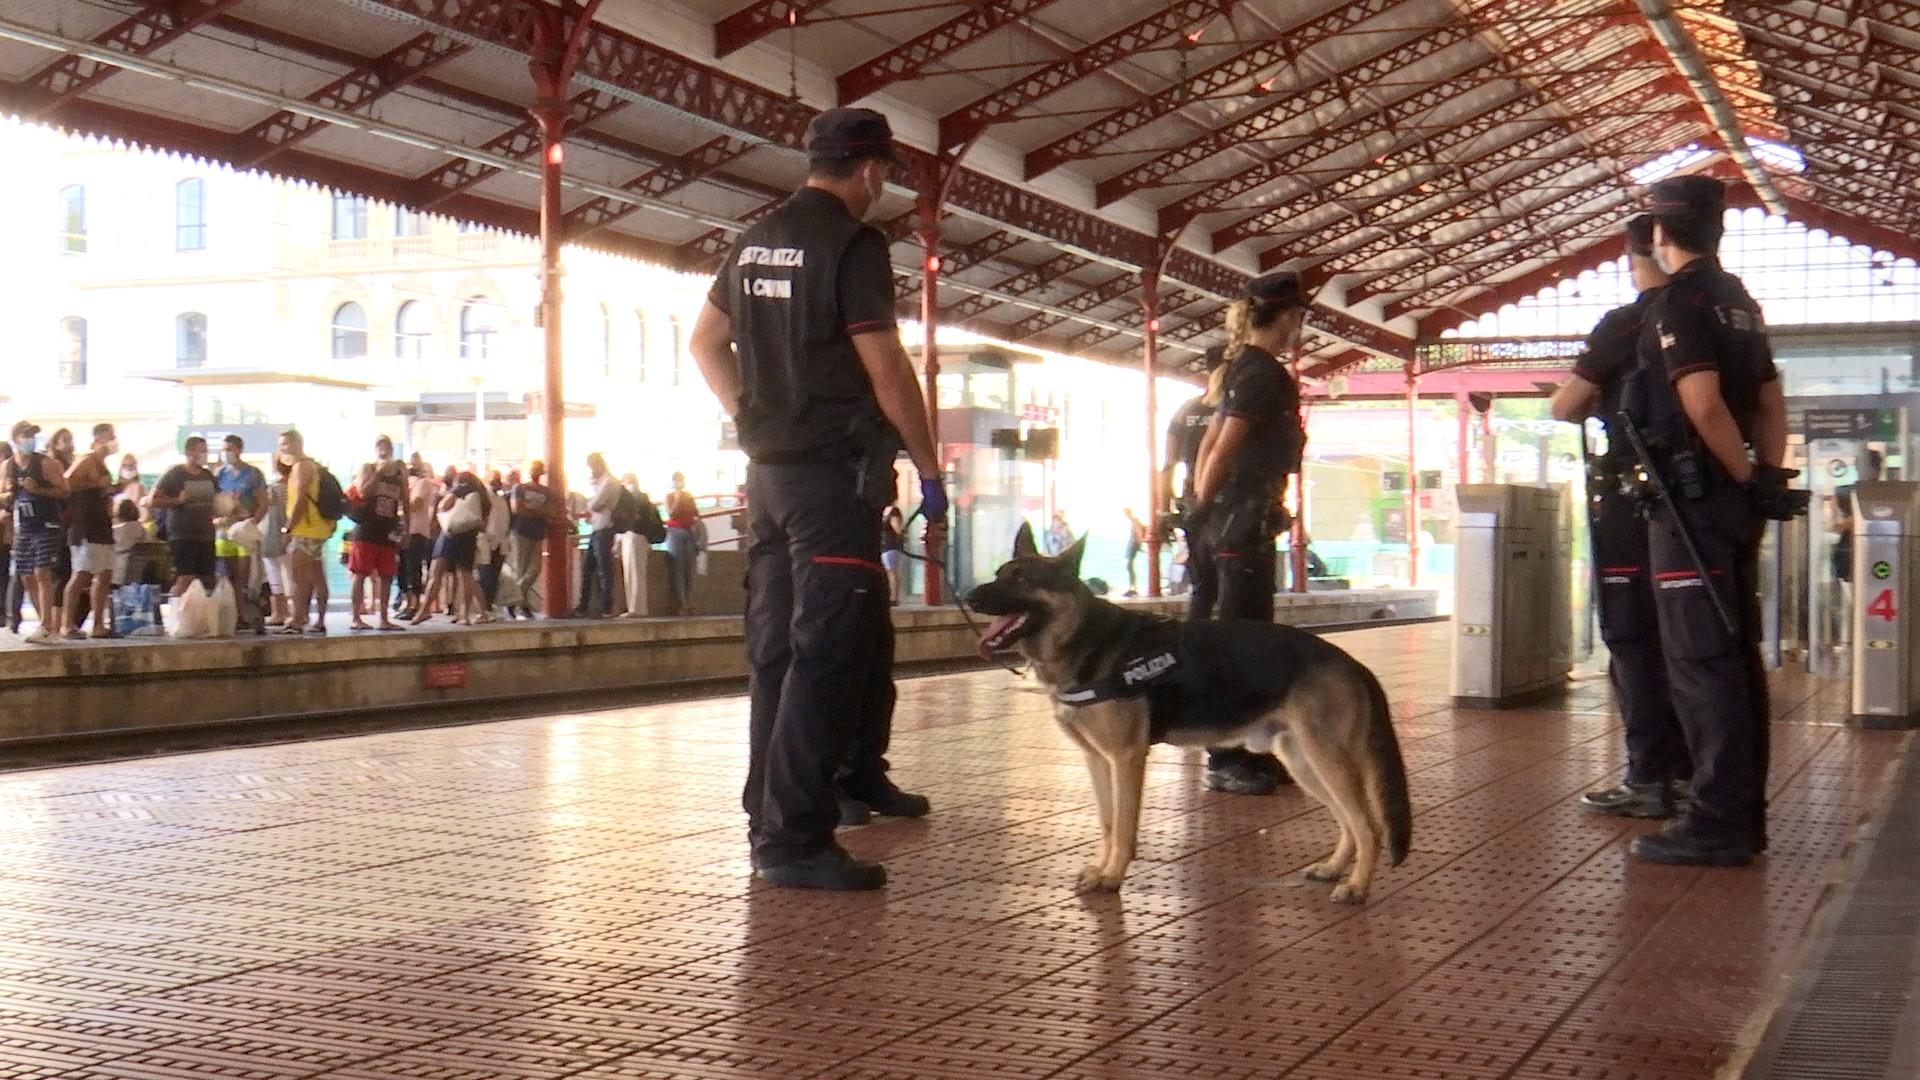 La Ertzaintza aúna esfuerzos en la detección de drogas en las terminales de transporte público de Euskadi [2:21]